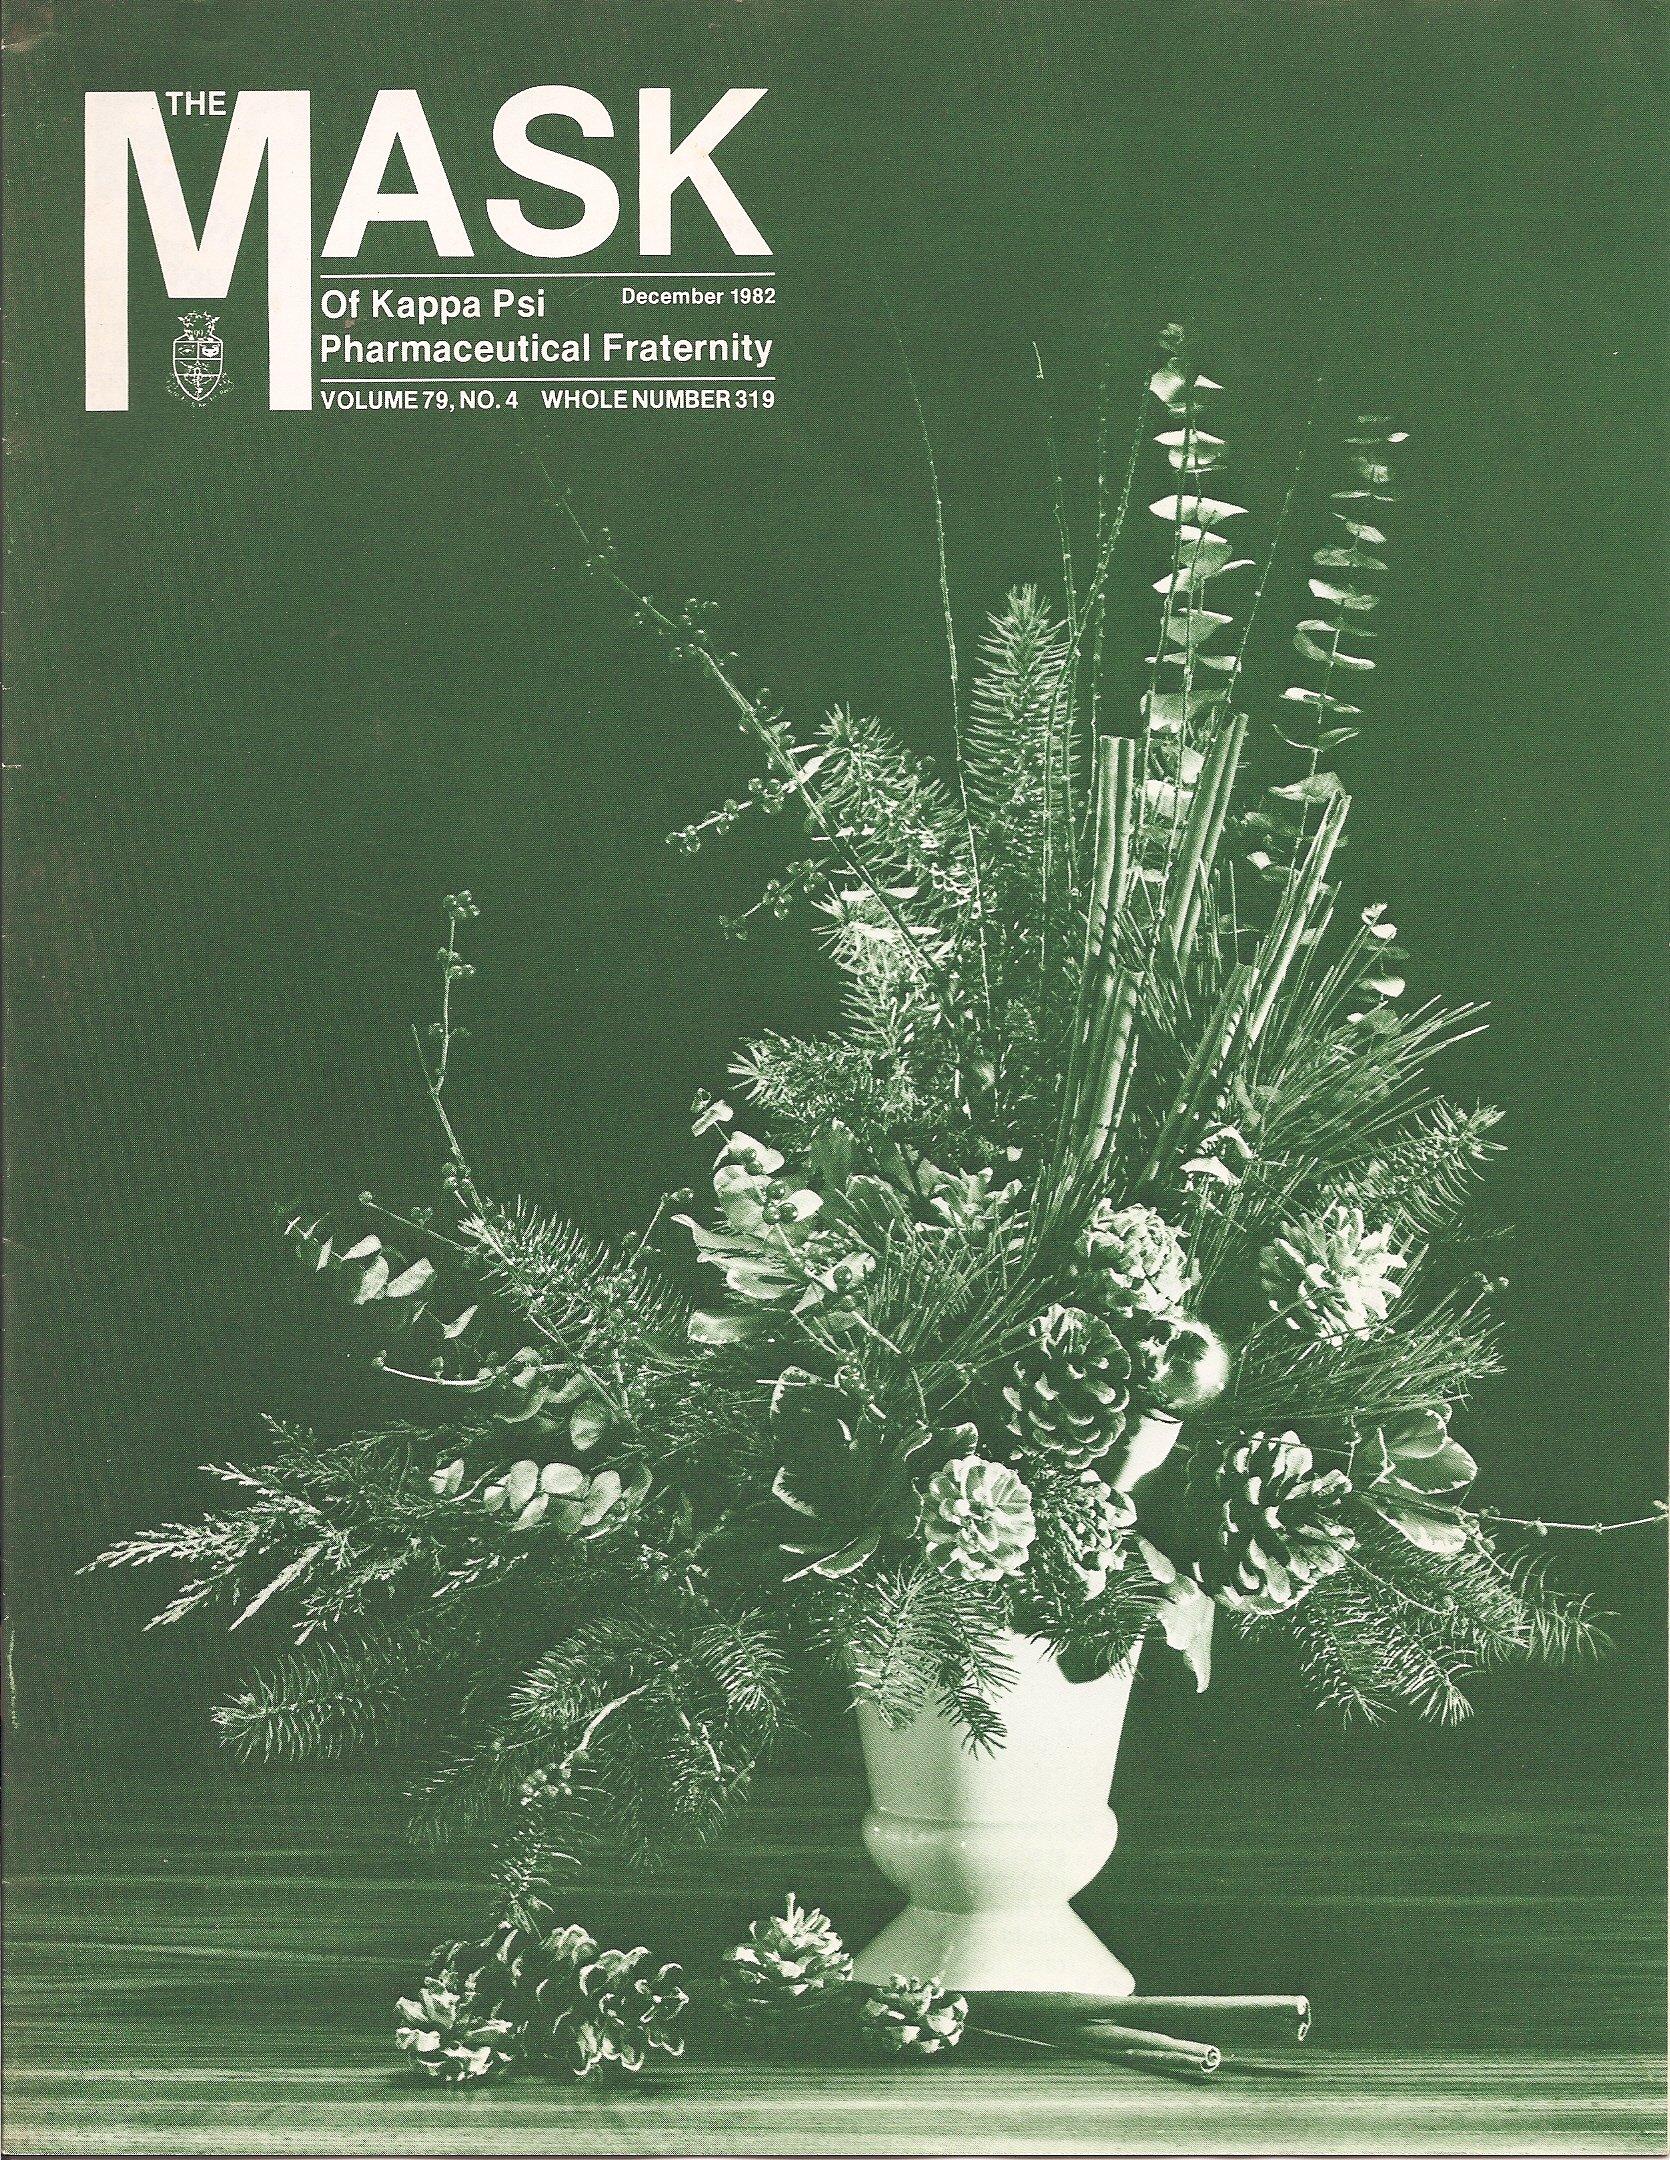 mask_cover_12_1982.jpg